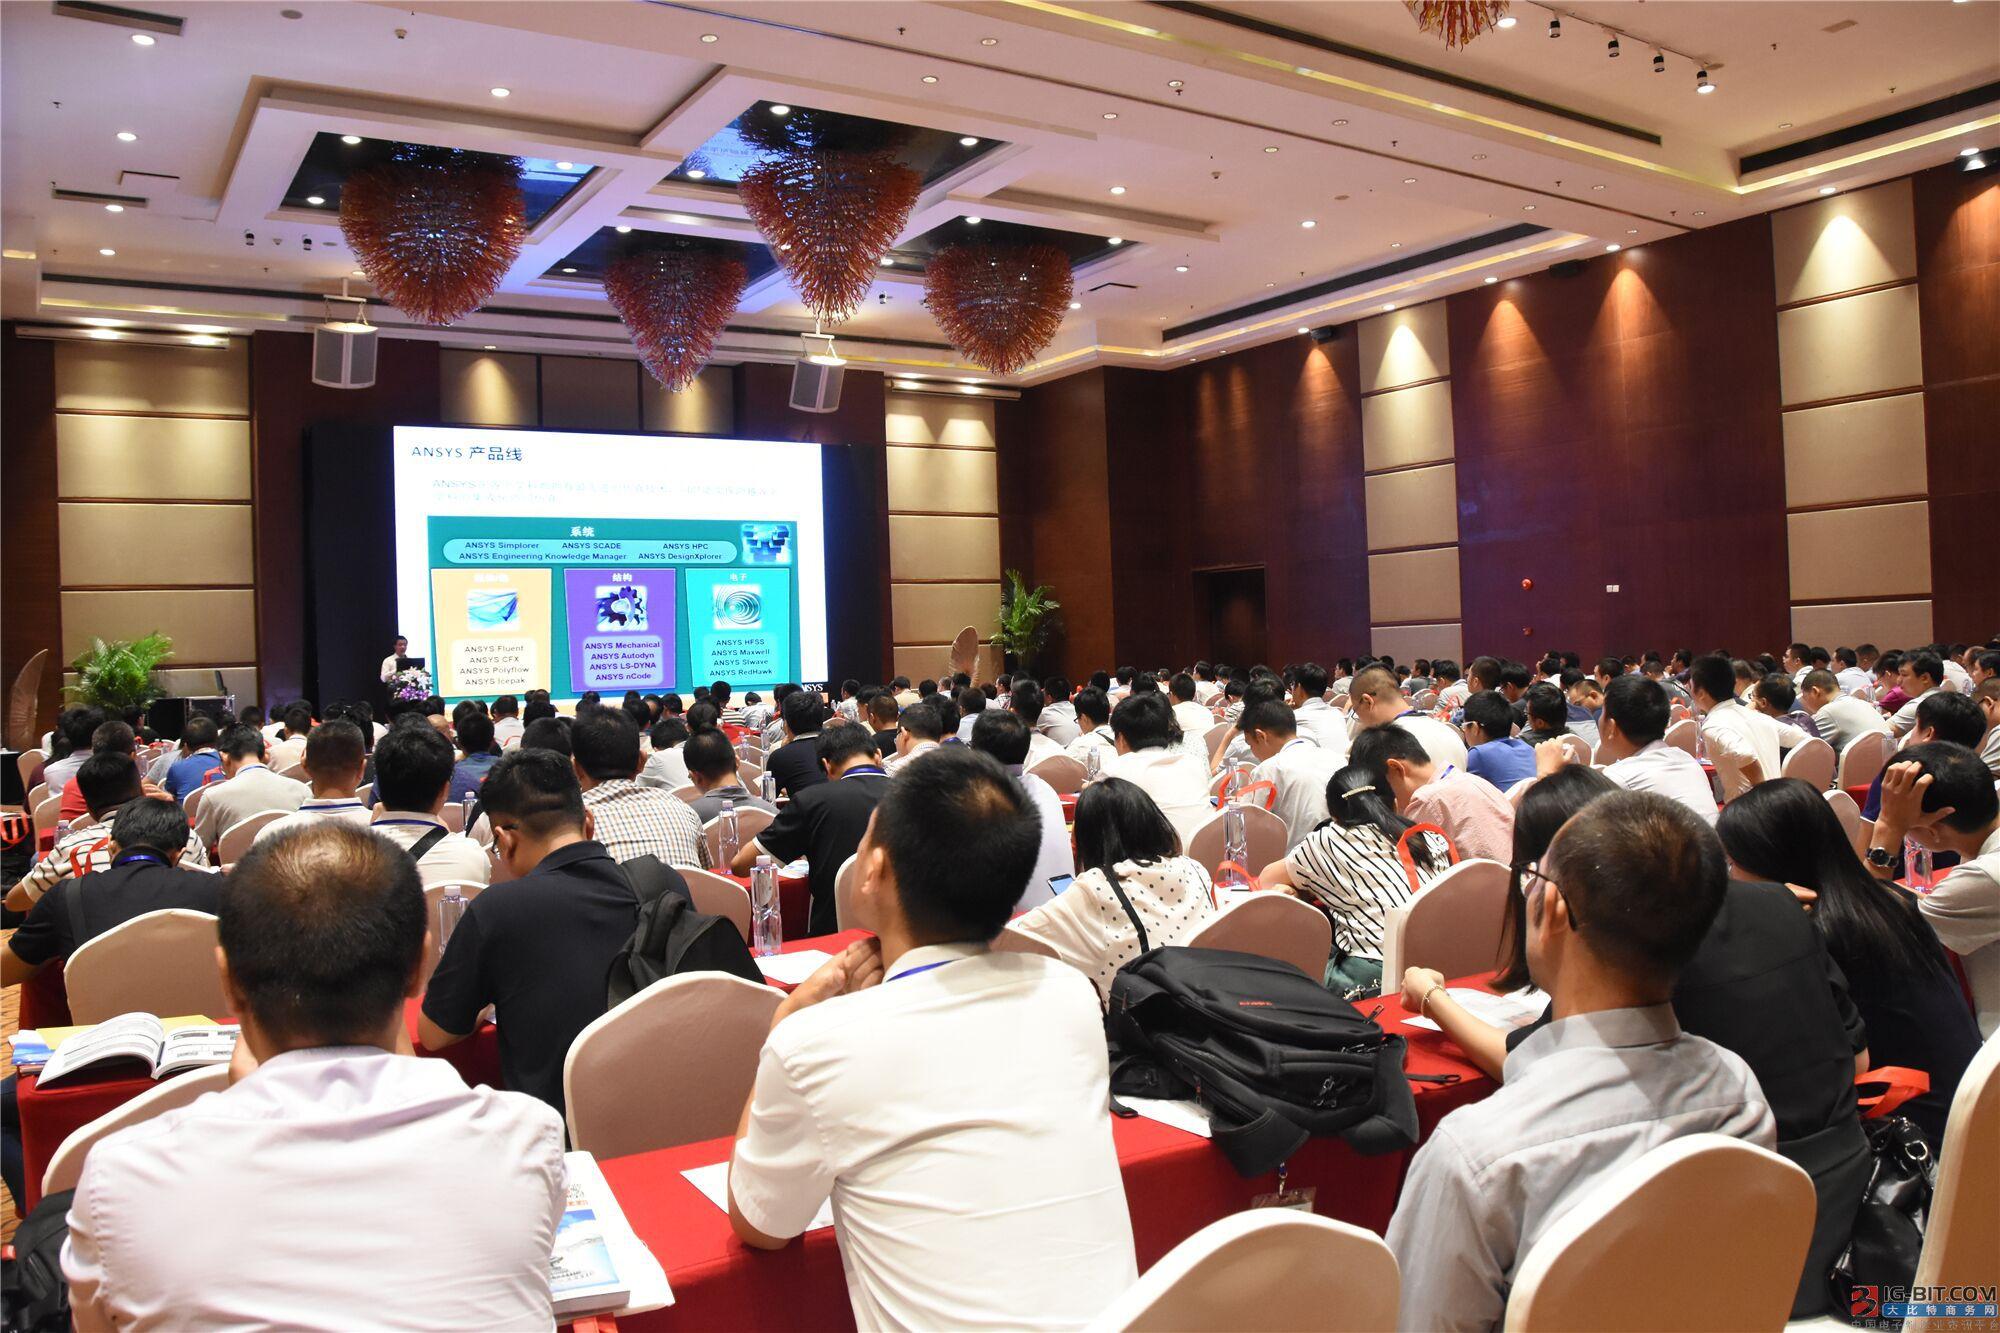 推动转型升级 百家企业聚探电机技术新发展